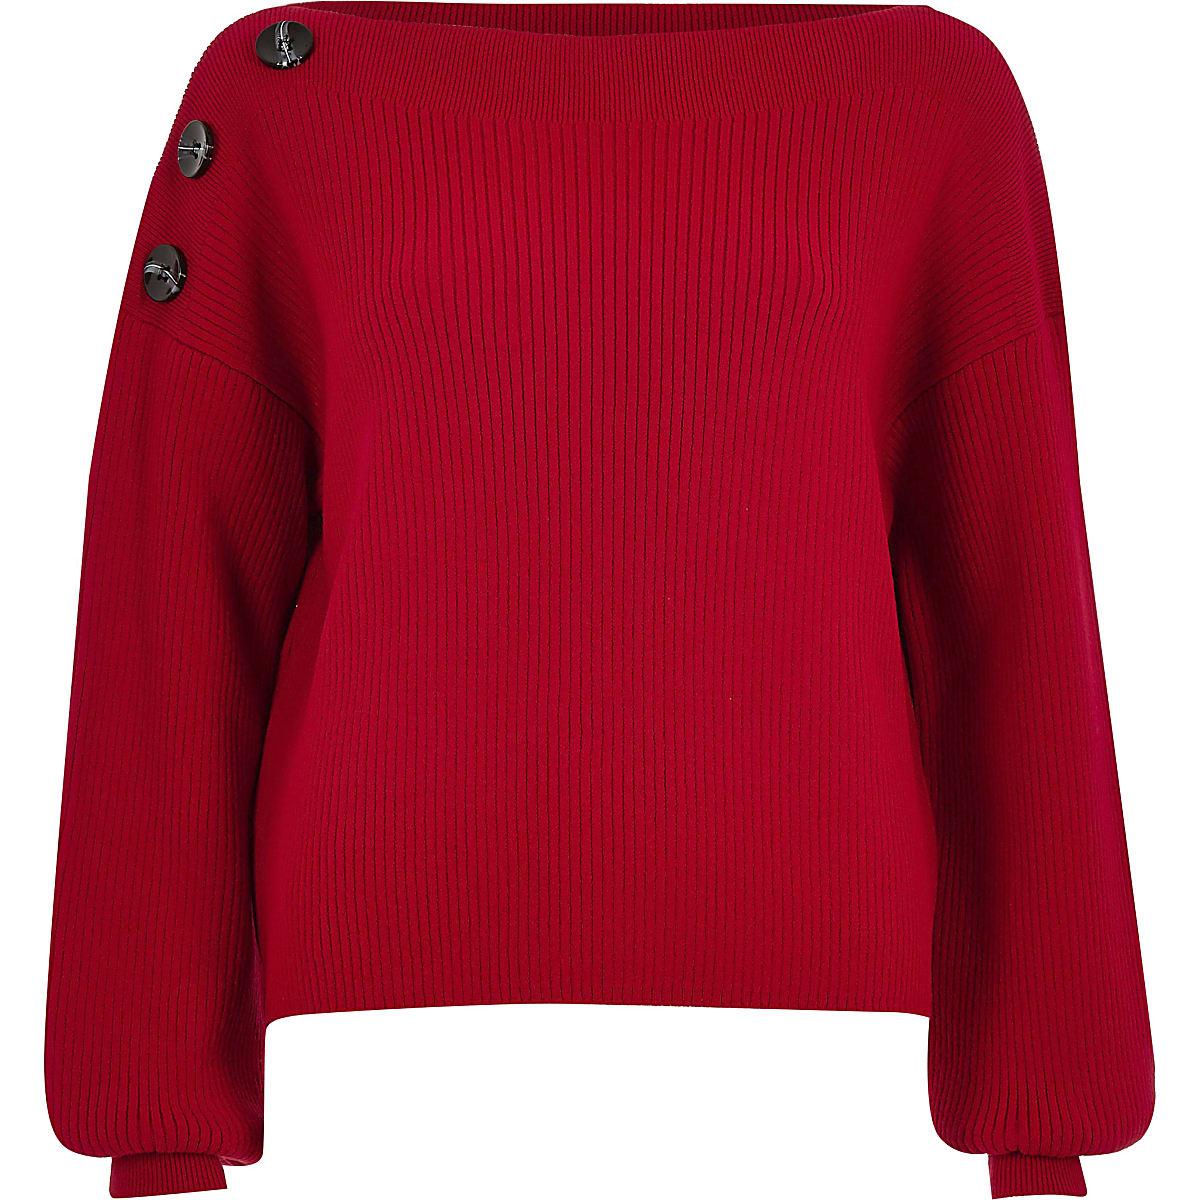 nouveau concept c9382 48c58 Red knit boat neck button jumper